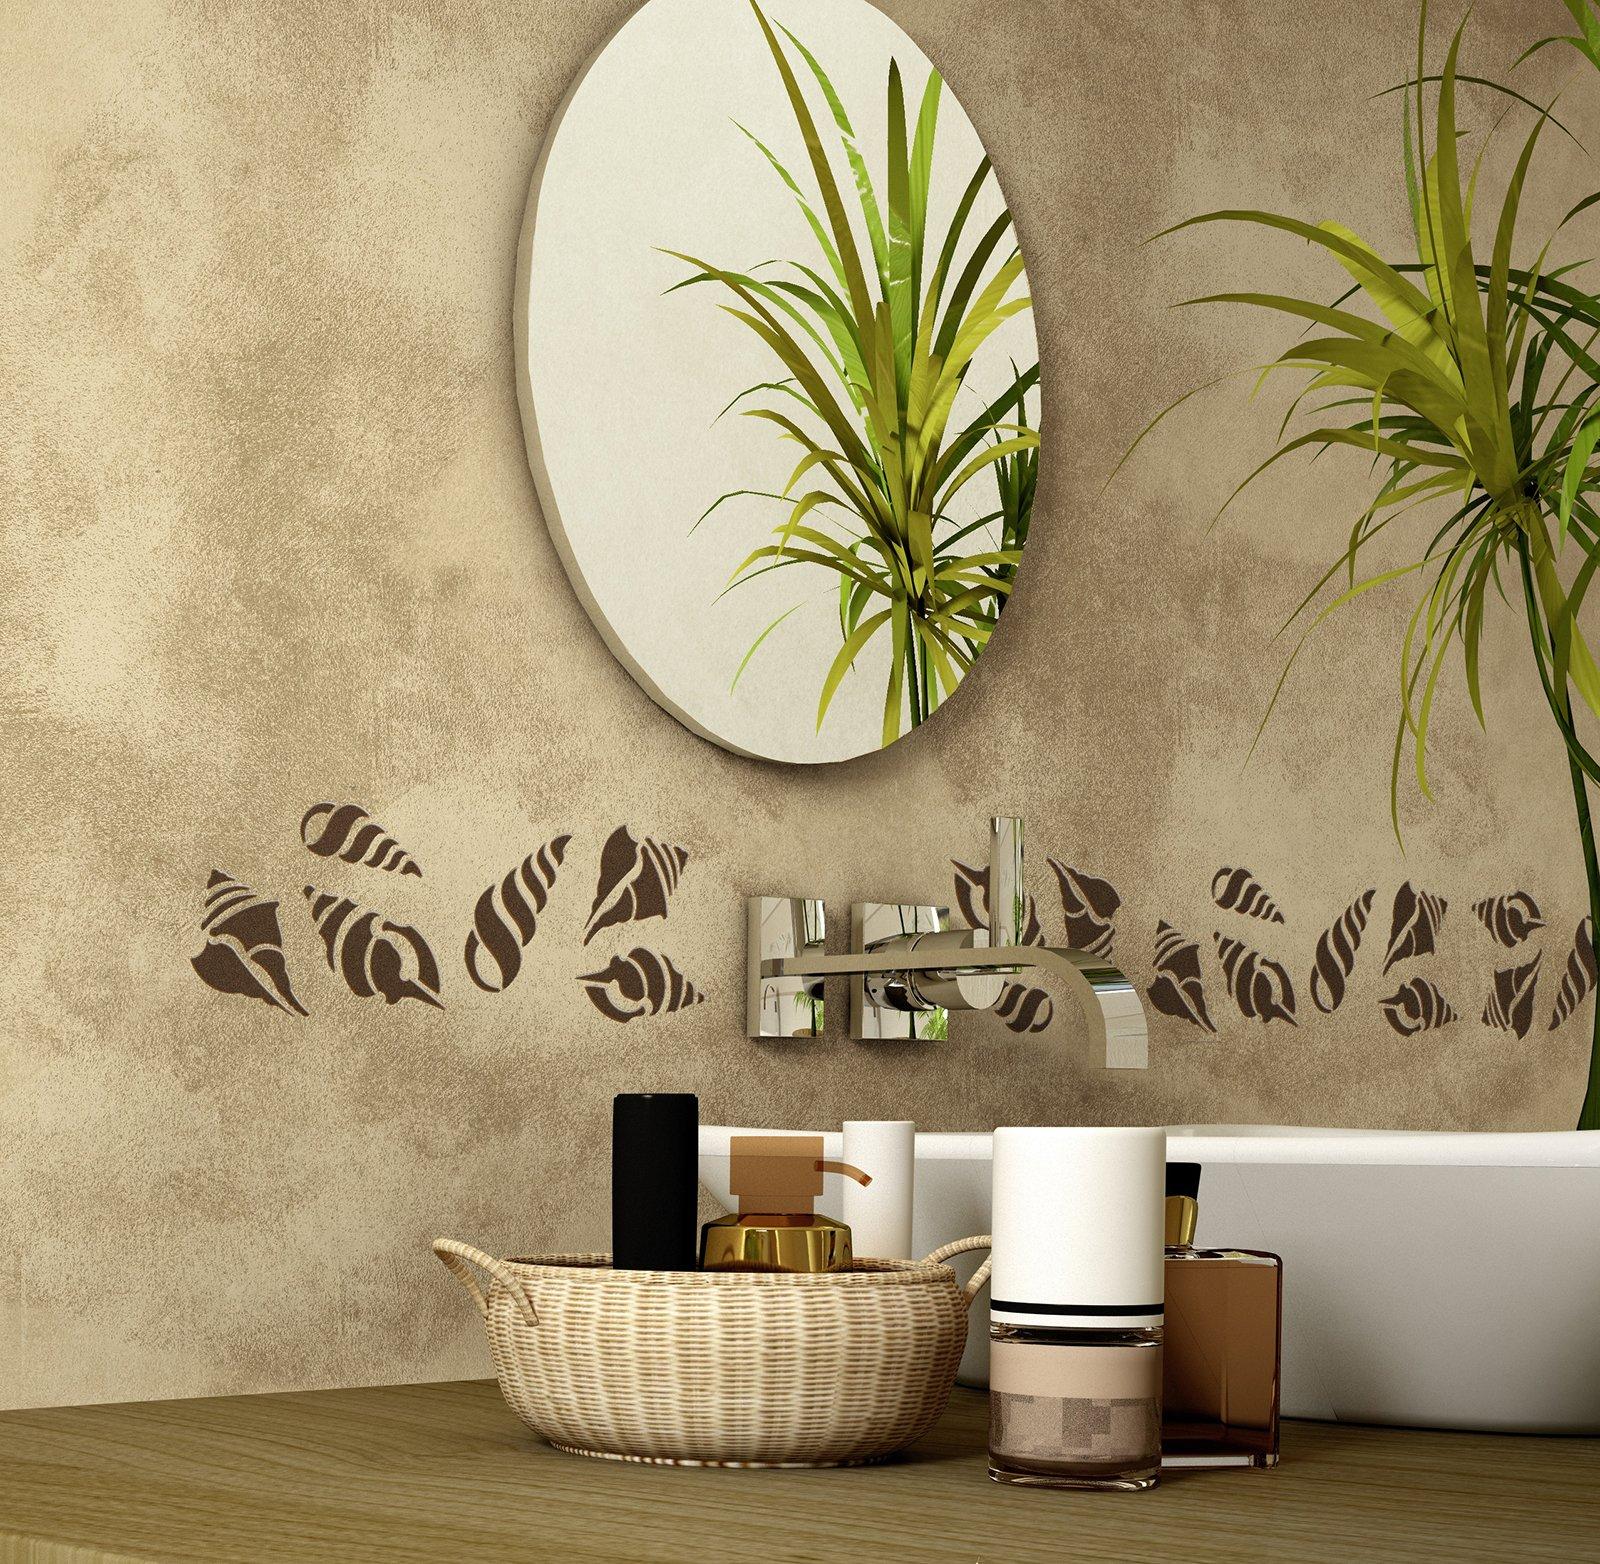 Ristrutturare il bagno dalle piastrelle allo for Immagini decorative per pareti